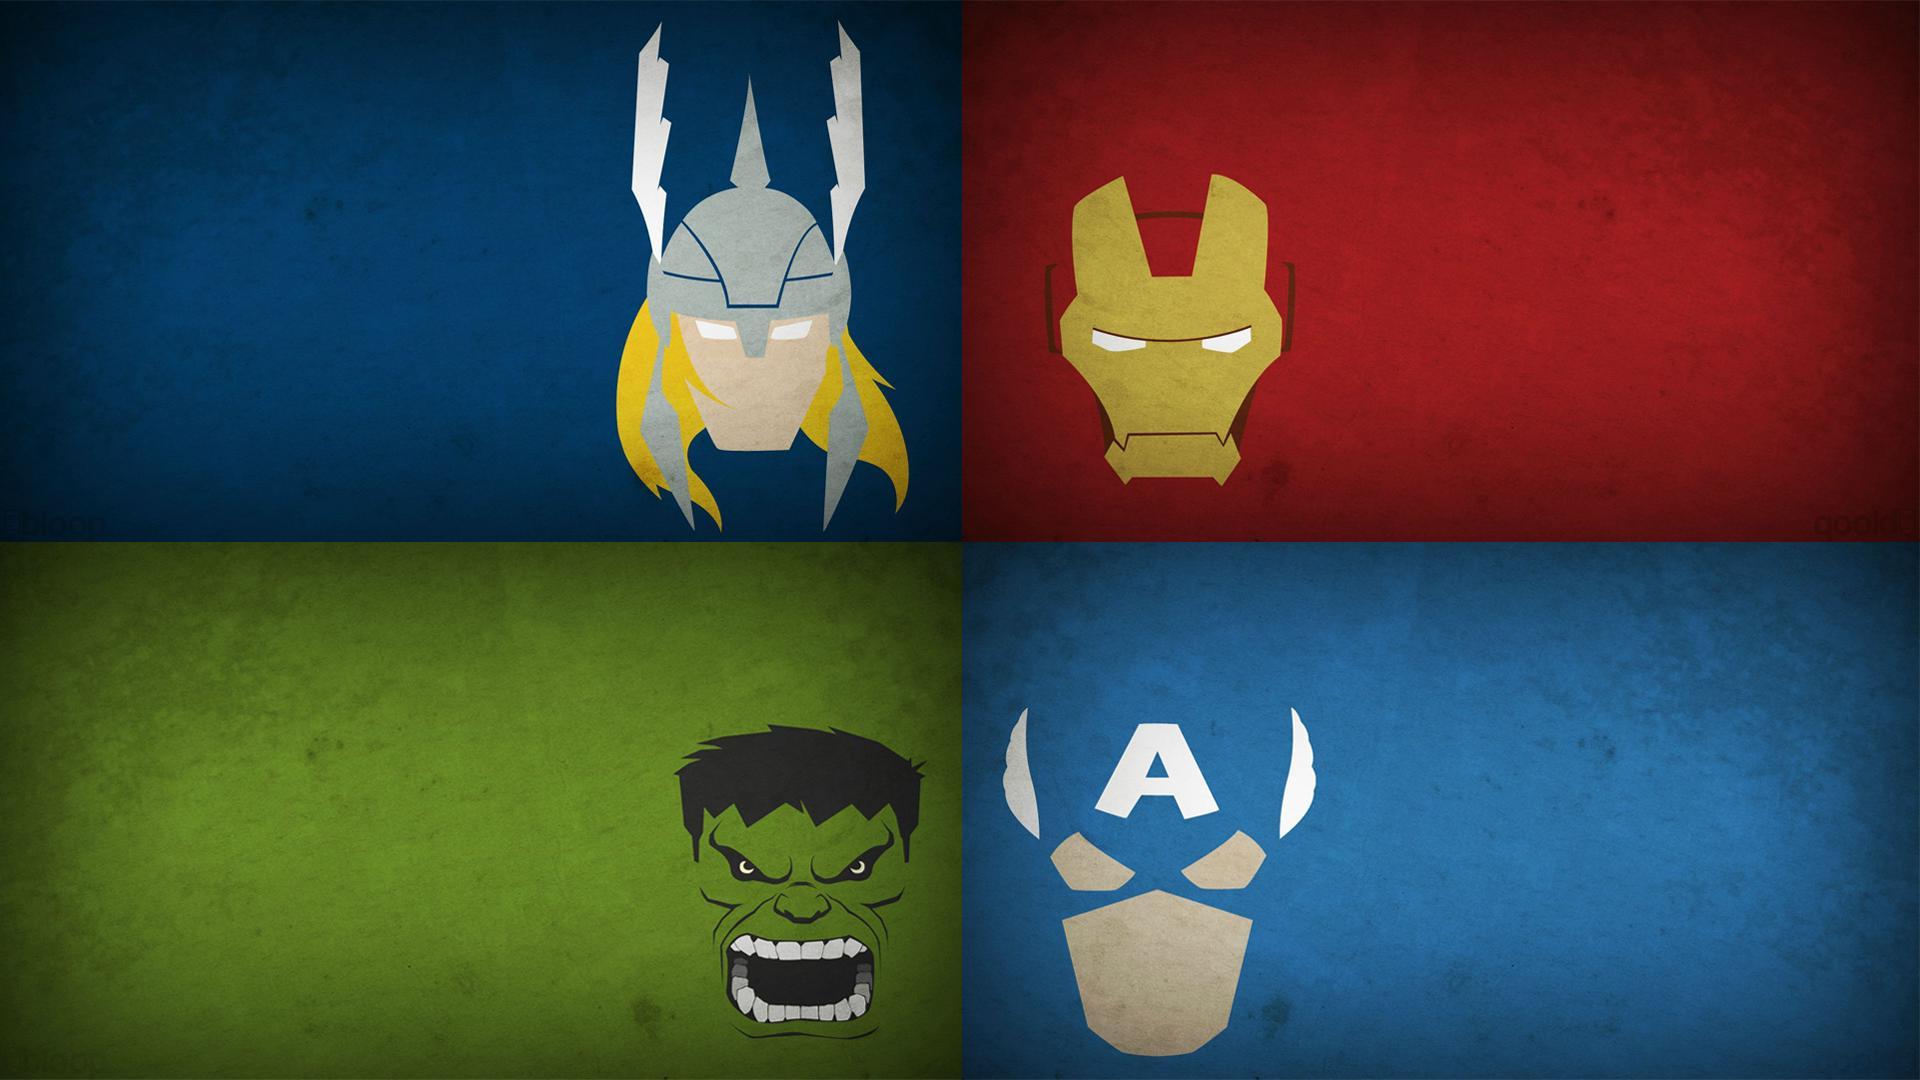 35 Best Avengers Wallpaper for Desktop 1920x1080